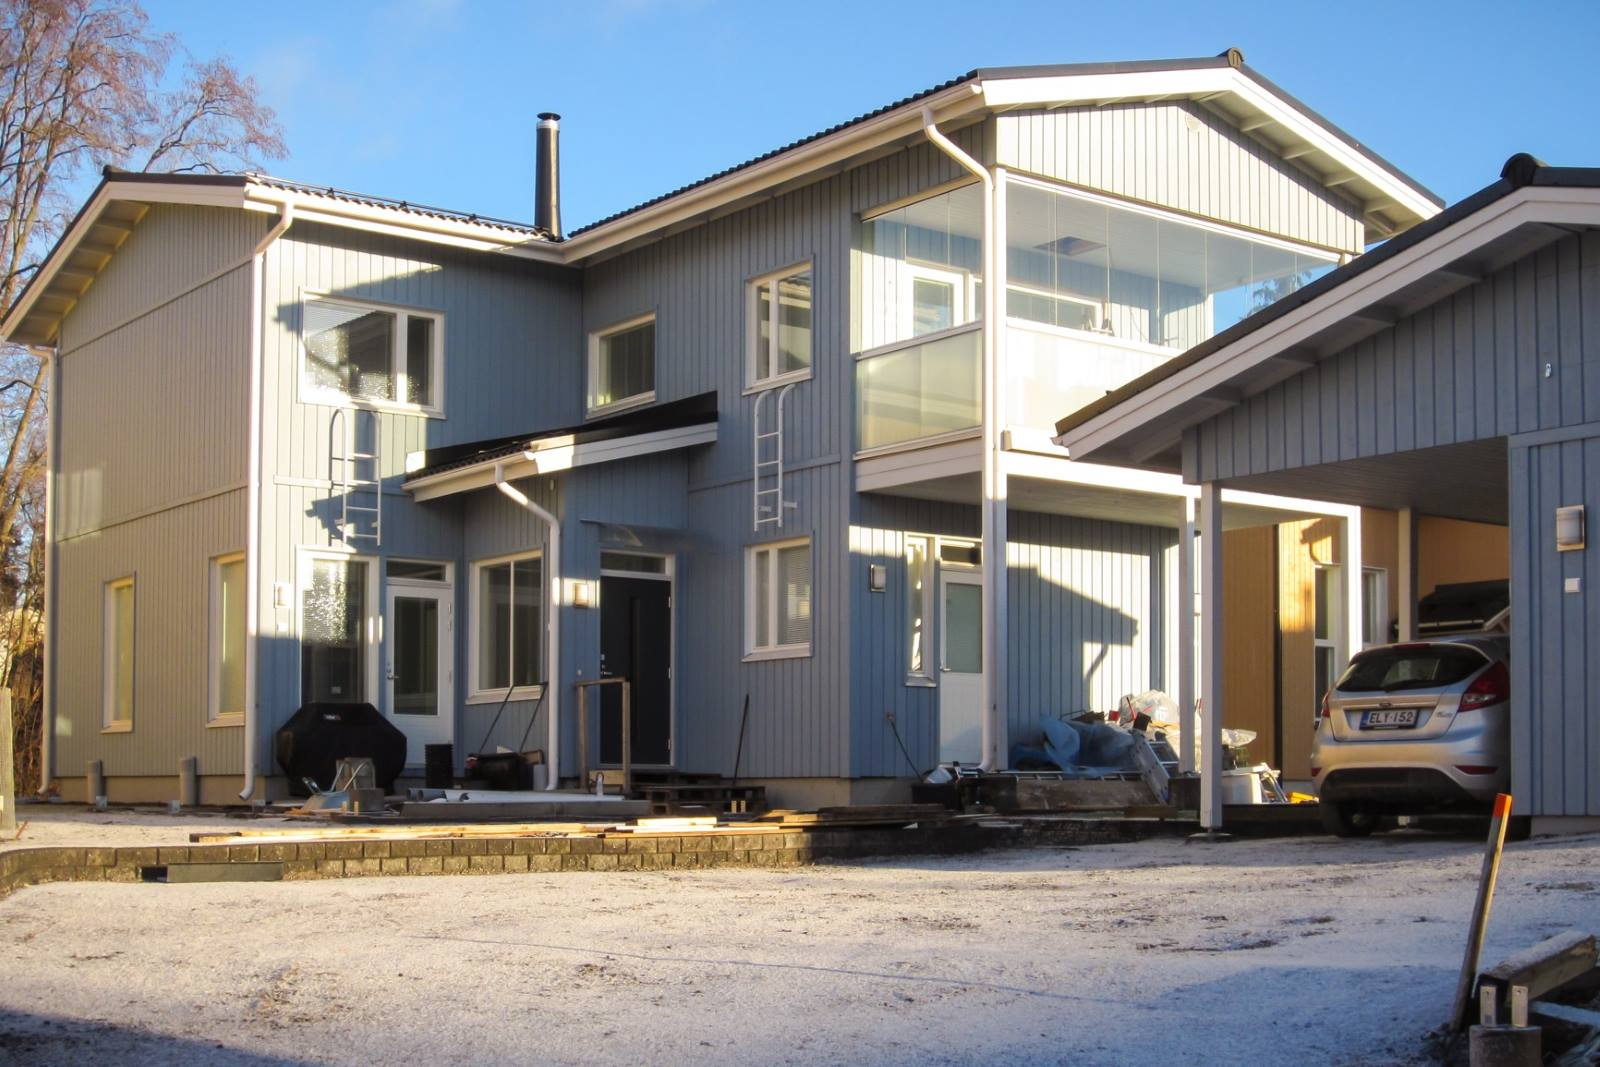 Uusi omakotitalo maalämpö Espoo Kauklahti